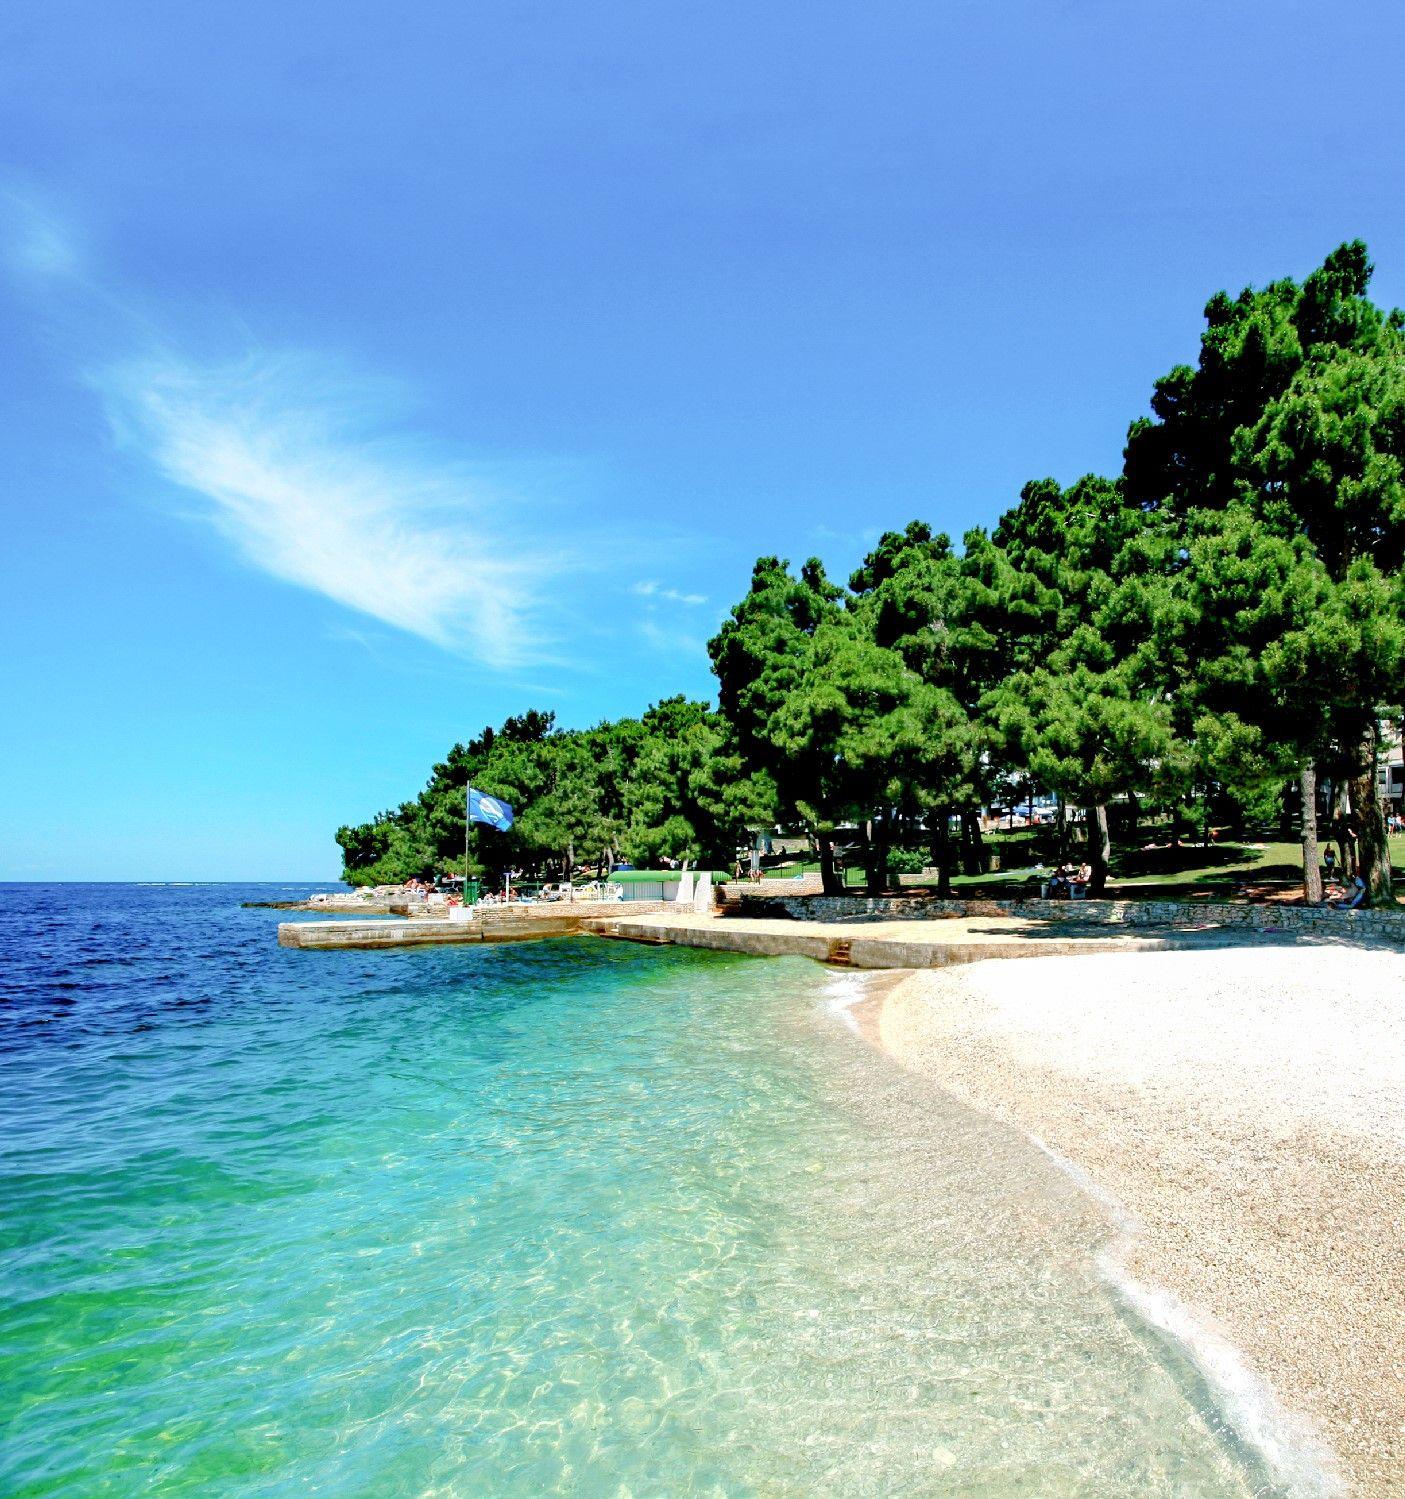 Kroatien Laguna Parentium Strand Kroatien Uralub Sandstrand Traumstrand Turkisblaues Meer Kr Ferienhaus Kroatien Kroatien Urlaub Urlaub Kroatien Ferienhaus